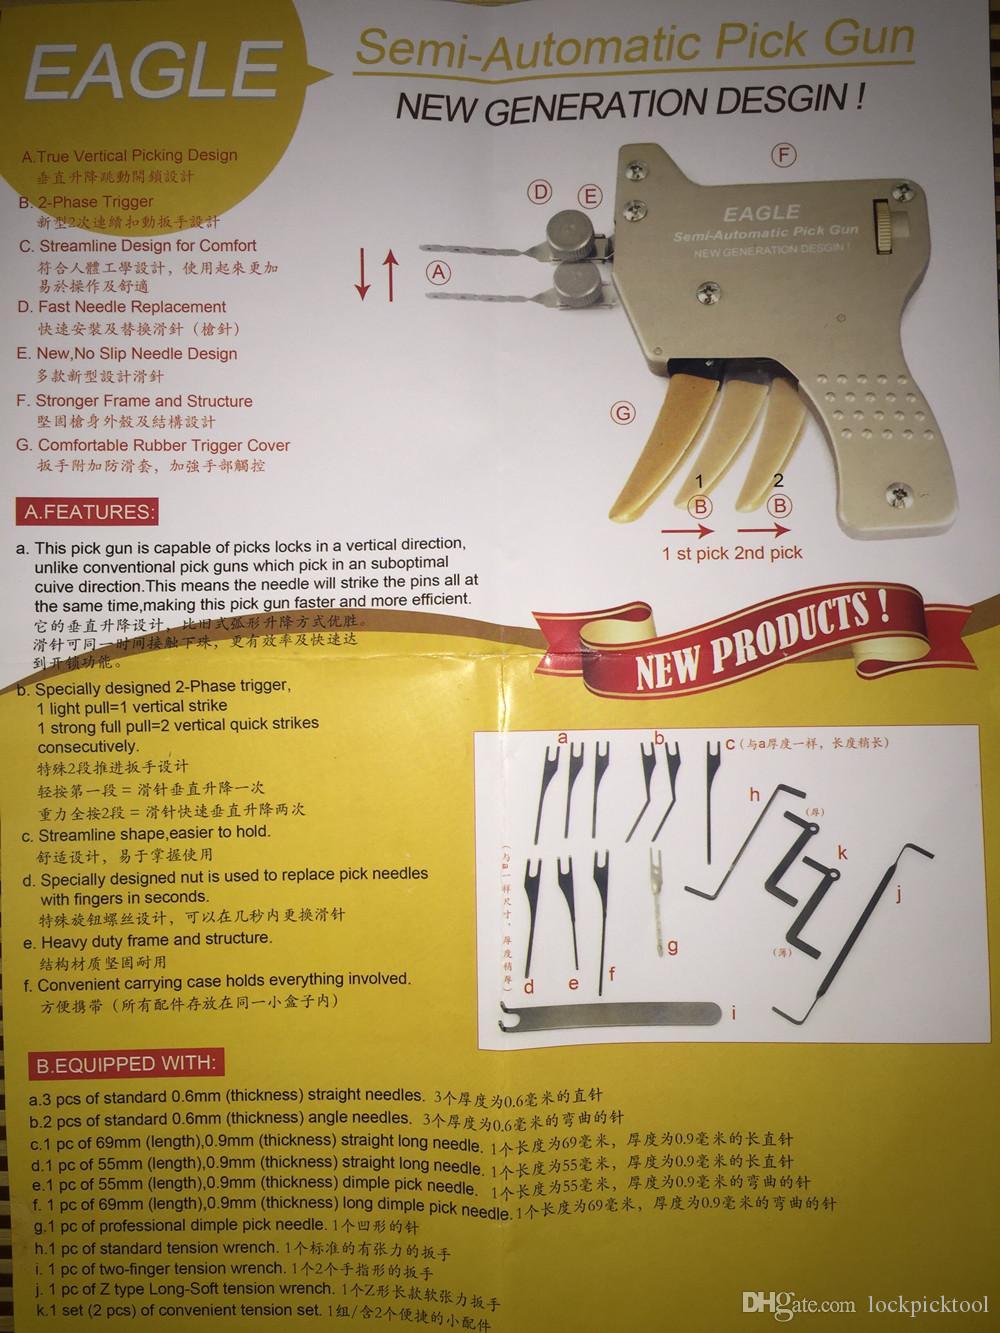 Yeni Tip Yarı-Otomatik Mekanik Kilit Seçim Gun Pick Guns Kilit Toplama Araçları Profesyonel Çilingir Araçları Kilit Seçim Setleri Silah